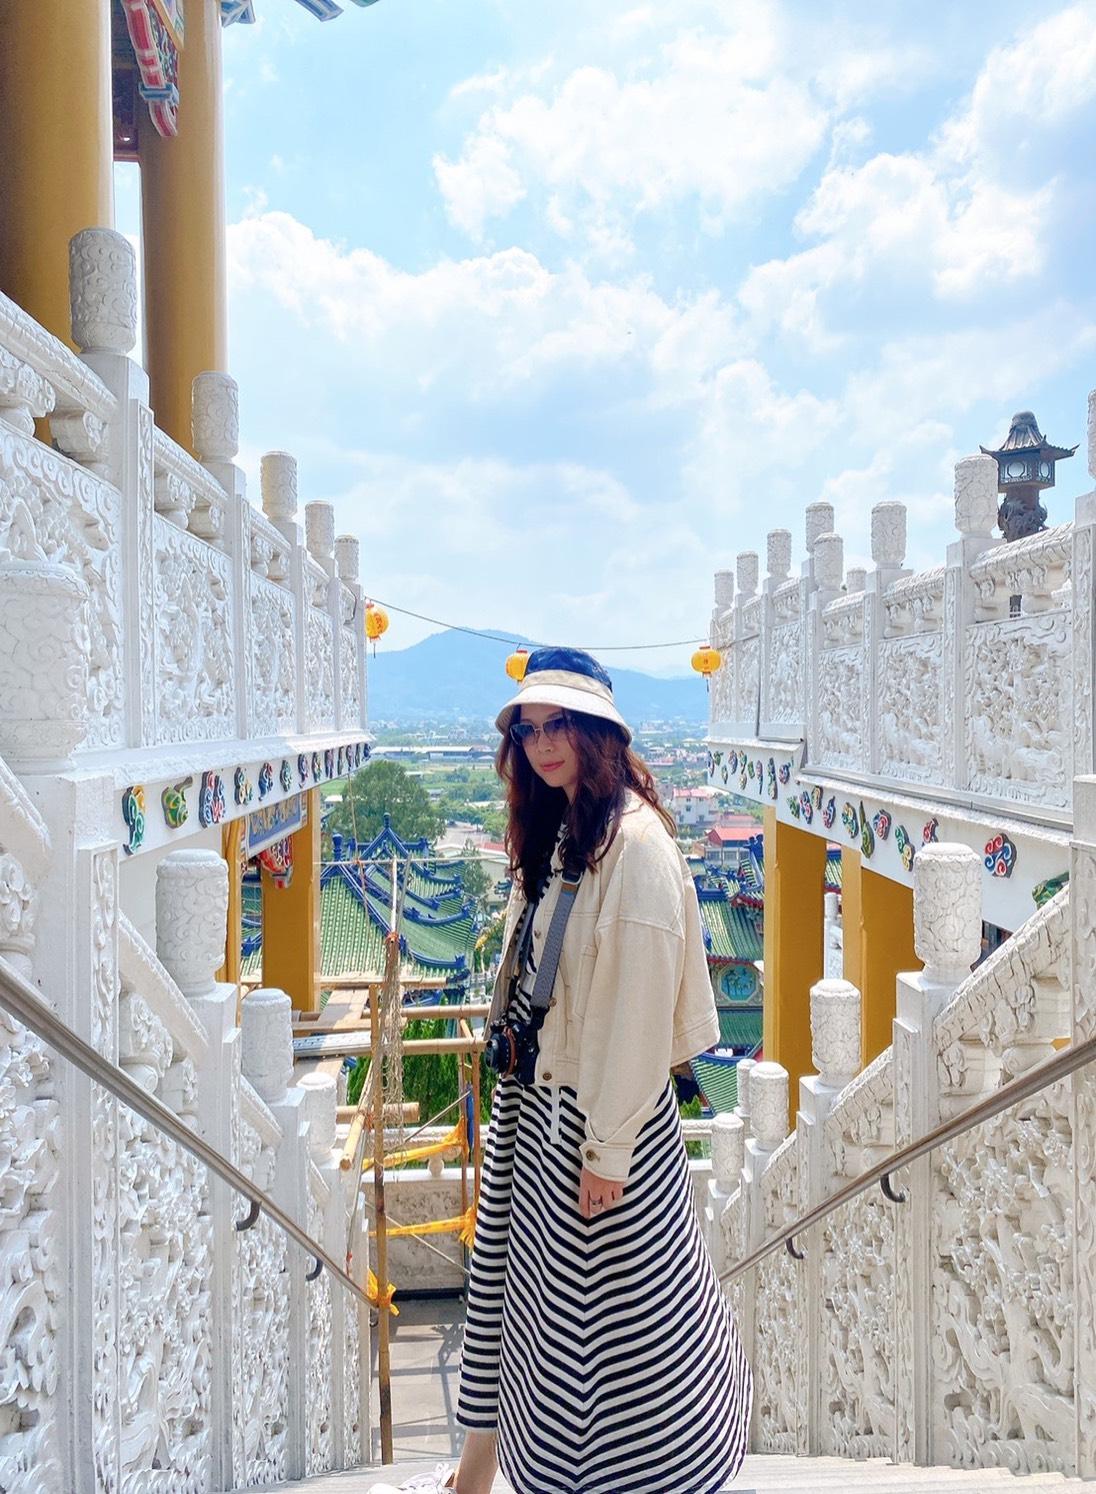 南投景點:南投埔里寶湖宮地母廟,莊嚴又漂亮有台版青瓦台美名,是IG熱門打卡景點